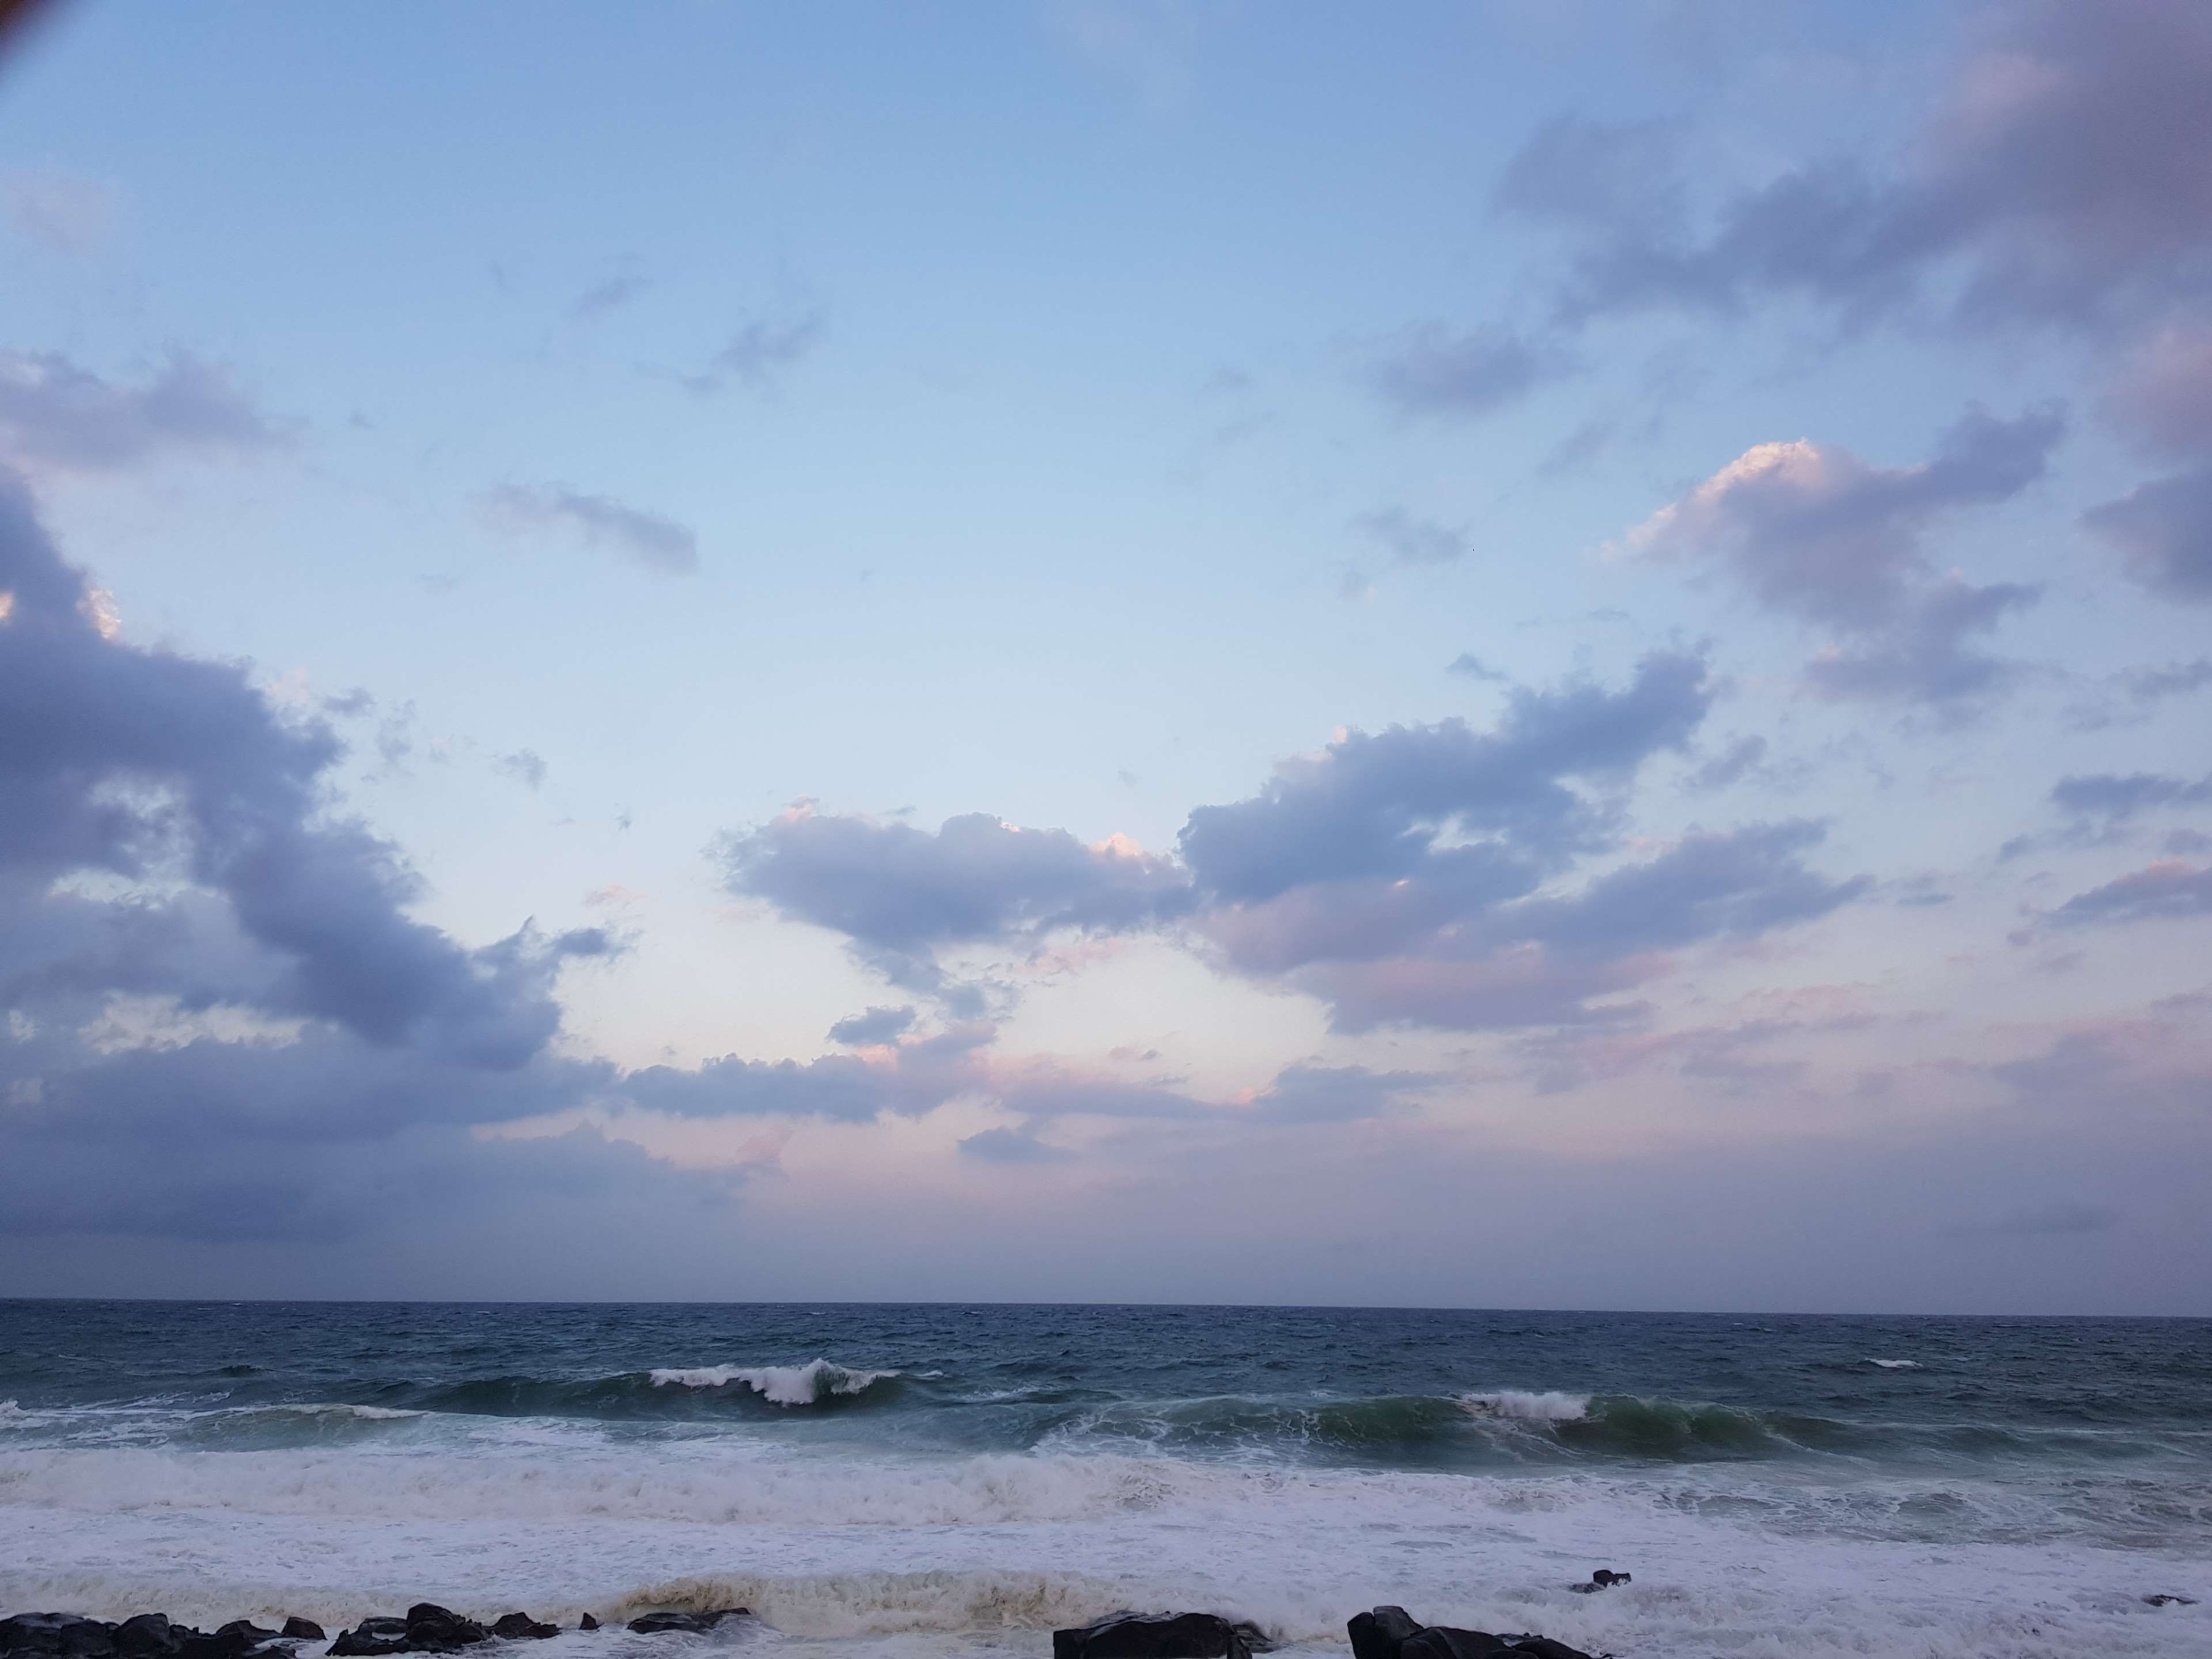 Ảnh background bầu trời và sóng biển rì rào]